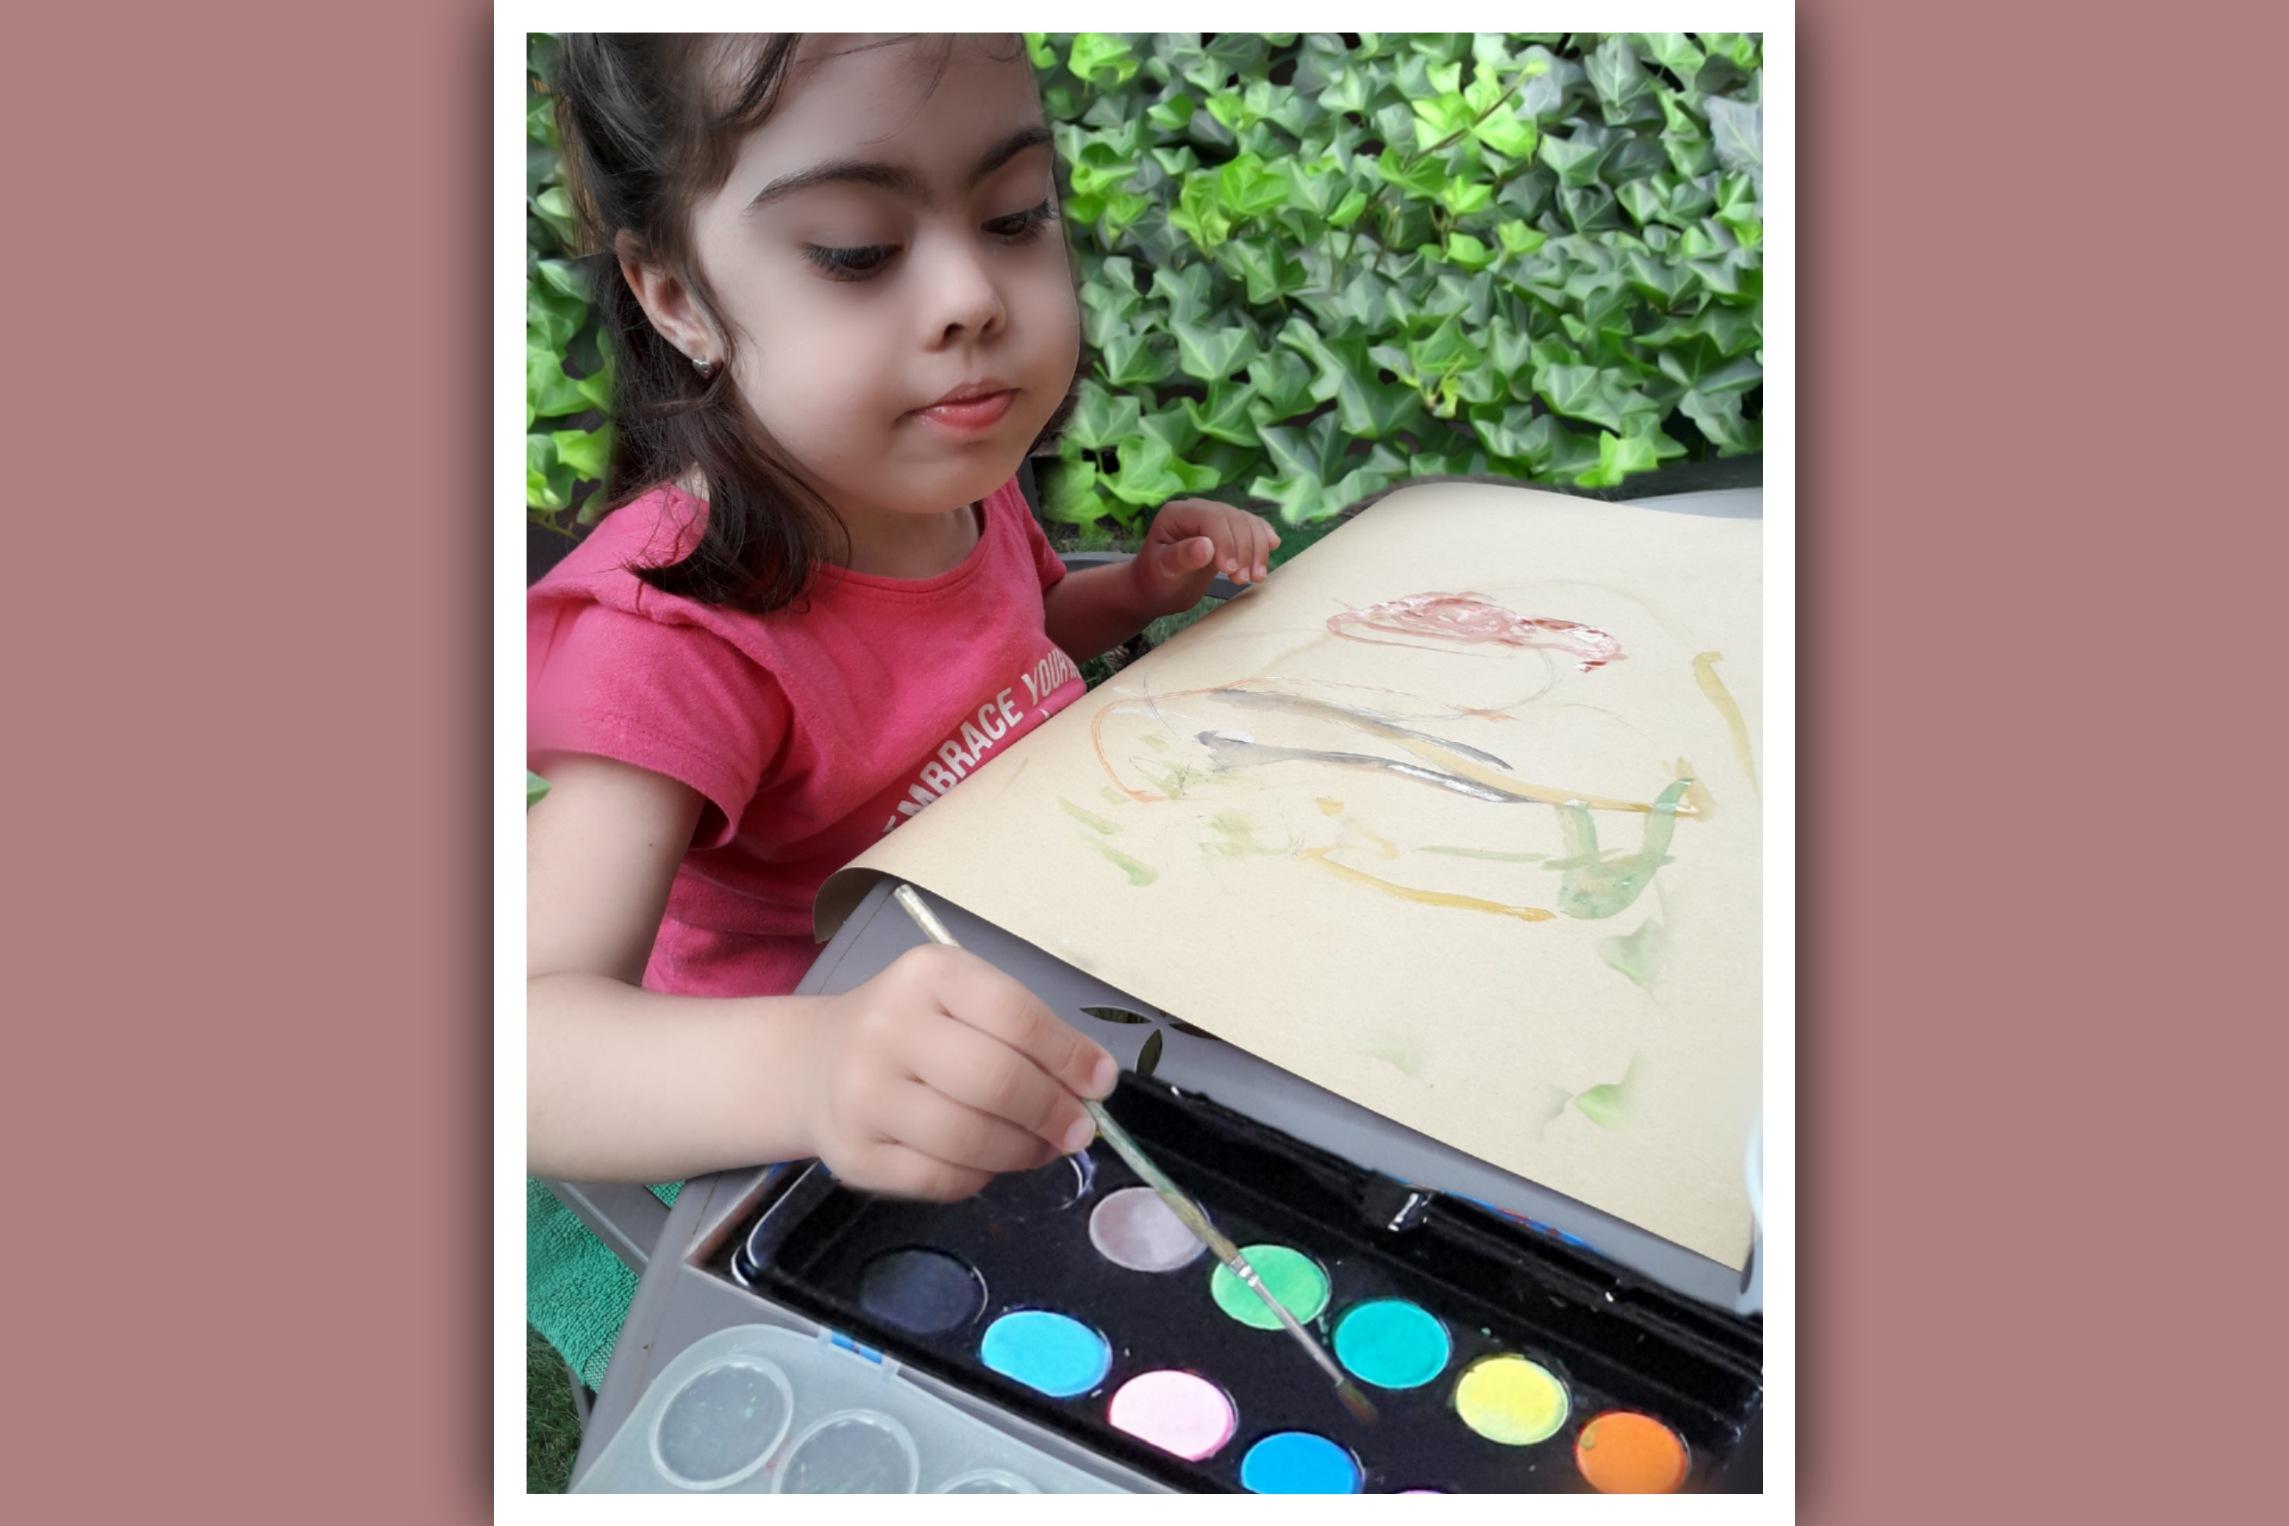 niña con sindrome de down pintando con acuarelas